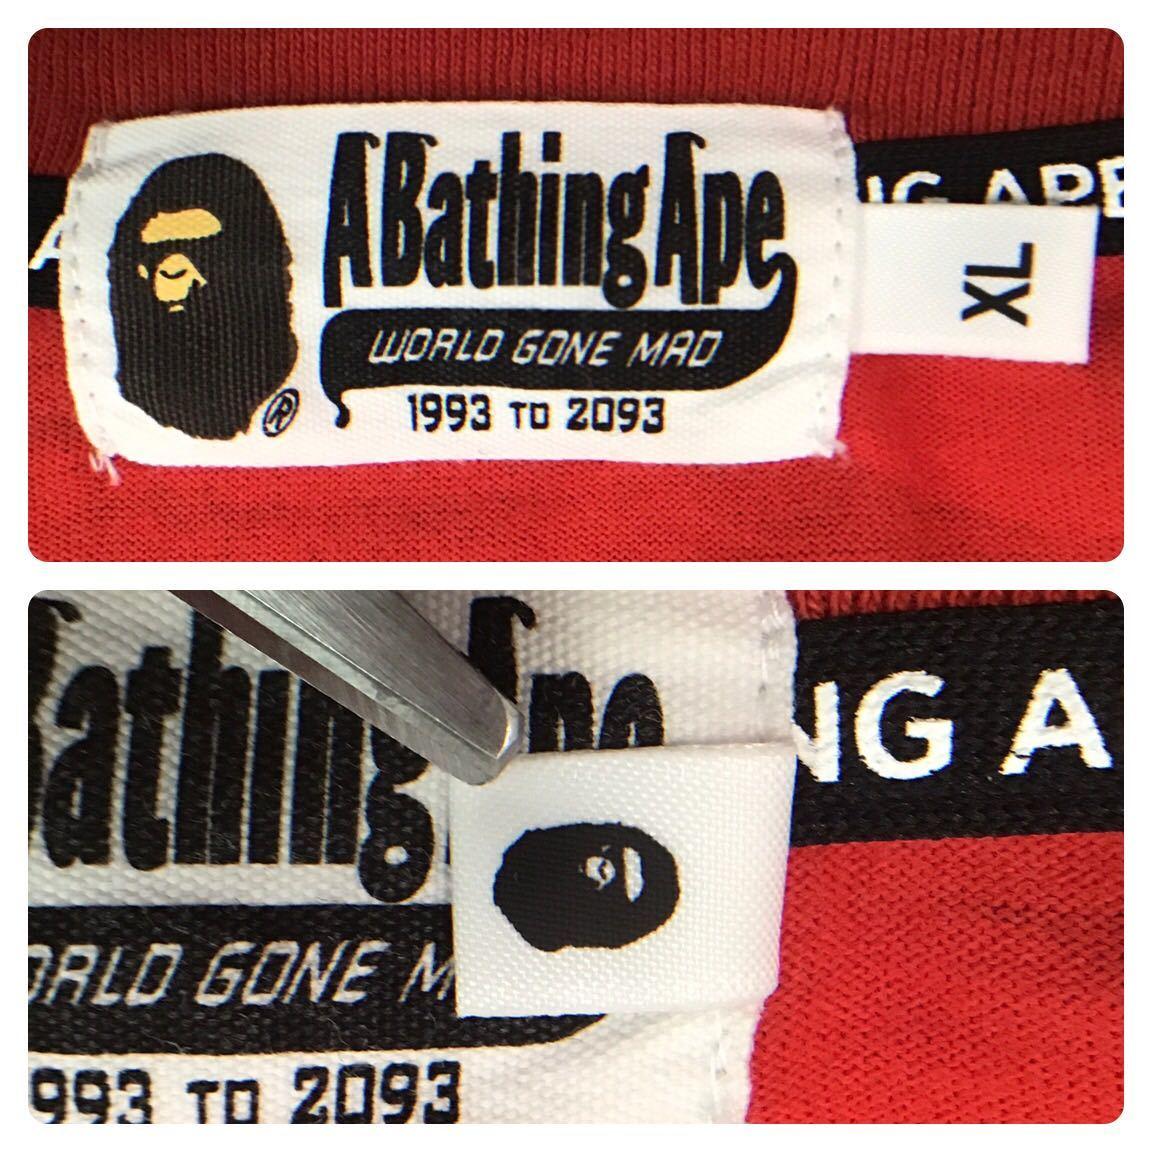 ★XL★ RED CAMO シャーク 長袖 Tシャツ a bathing ape BAPE shark ponr エイプ ベイプ アベイシングエイプ レッドカモ 赤 迷彩 3532